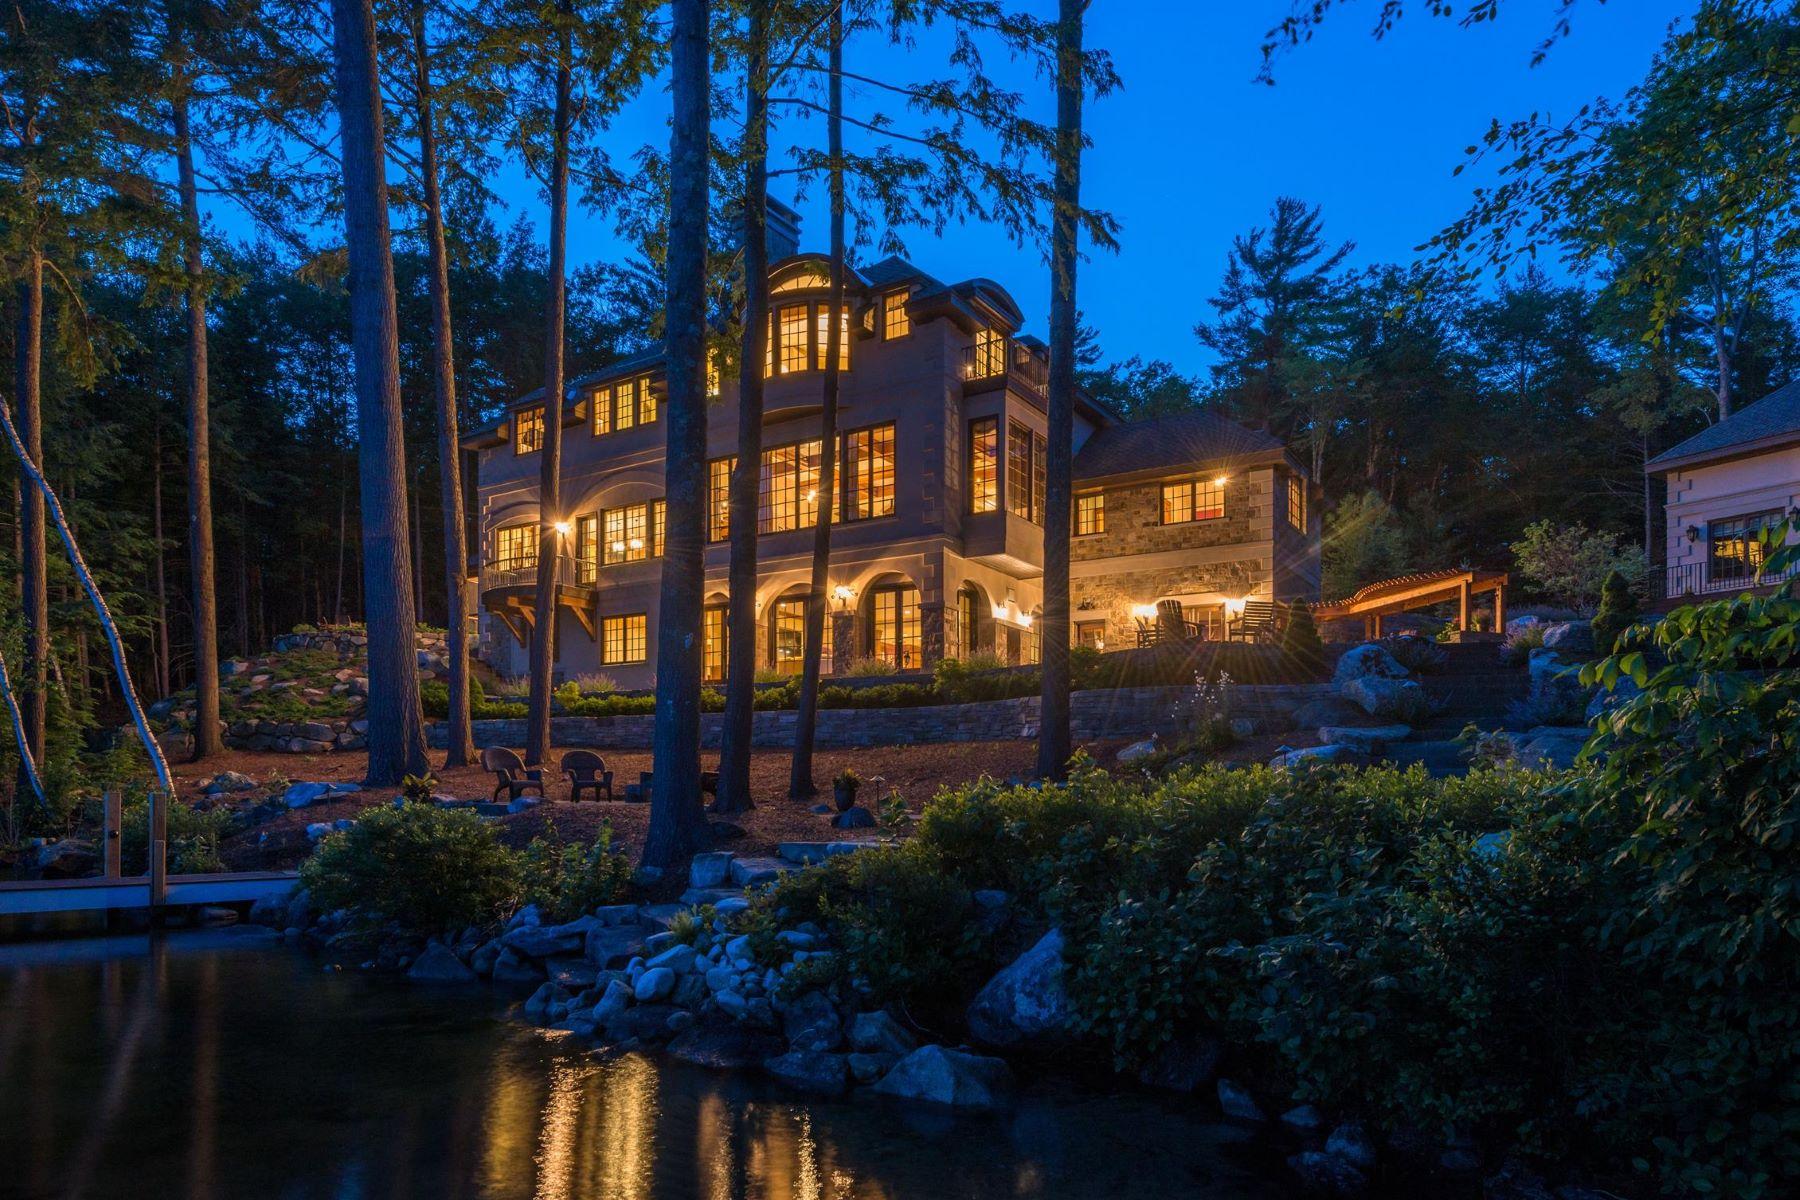 Частный односемейный дом для того Продажа на Lake Sunapee - Platinum Coast 100 Garnet Hill, Sunapee, Нью-Гэмпшир, 03782 Соединенные Штаты